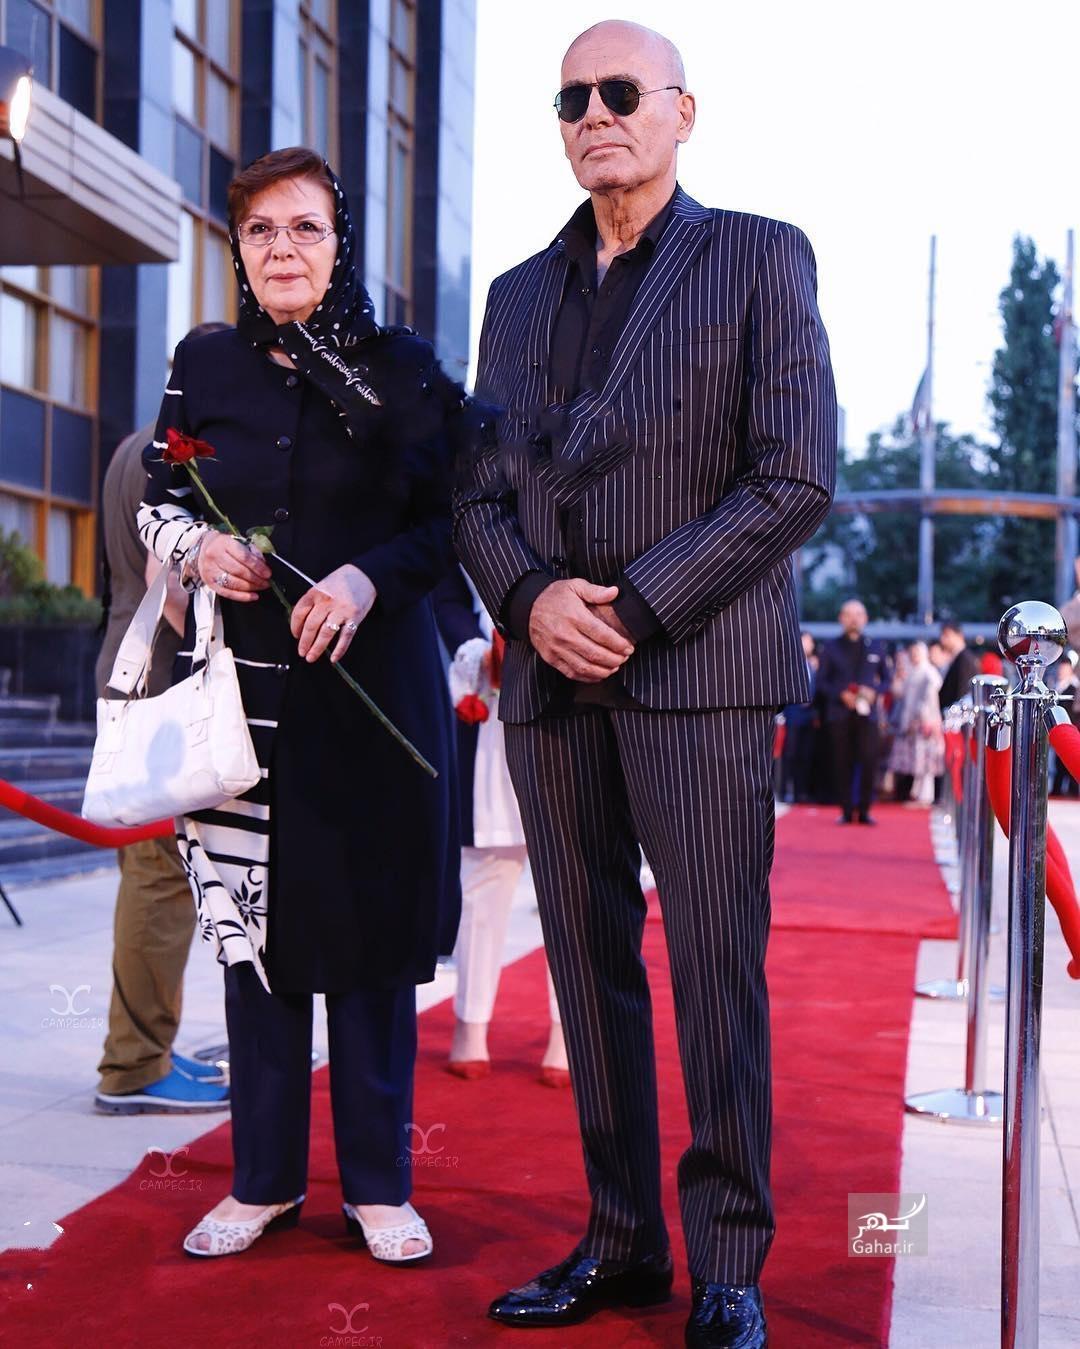 1469417857 عکس های بازیگران و همسرانشان در شانزدهمین جشن حافظ 95